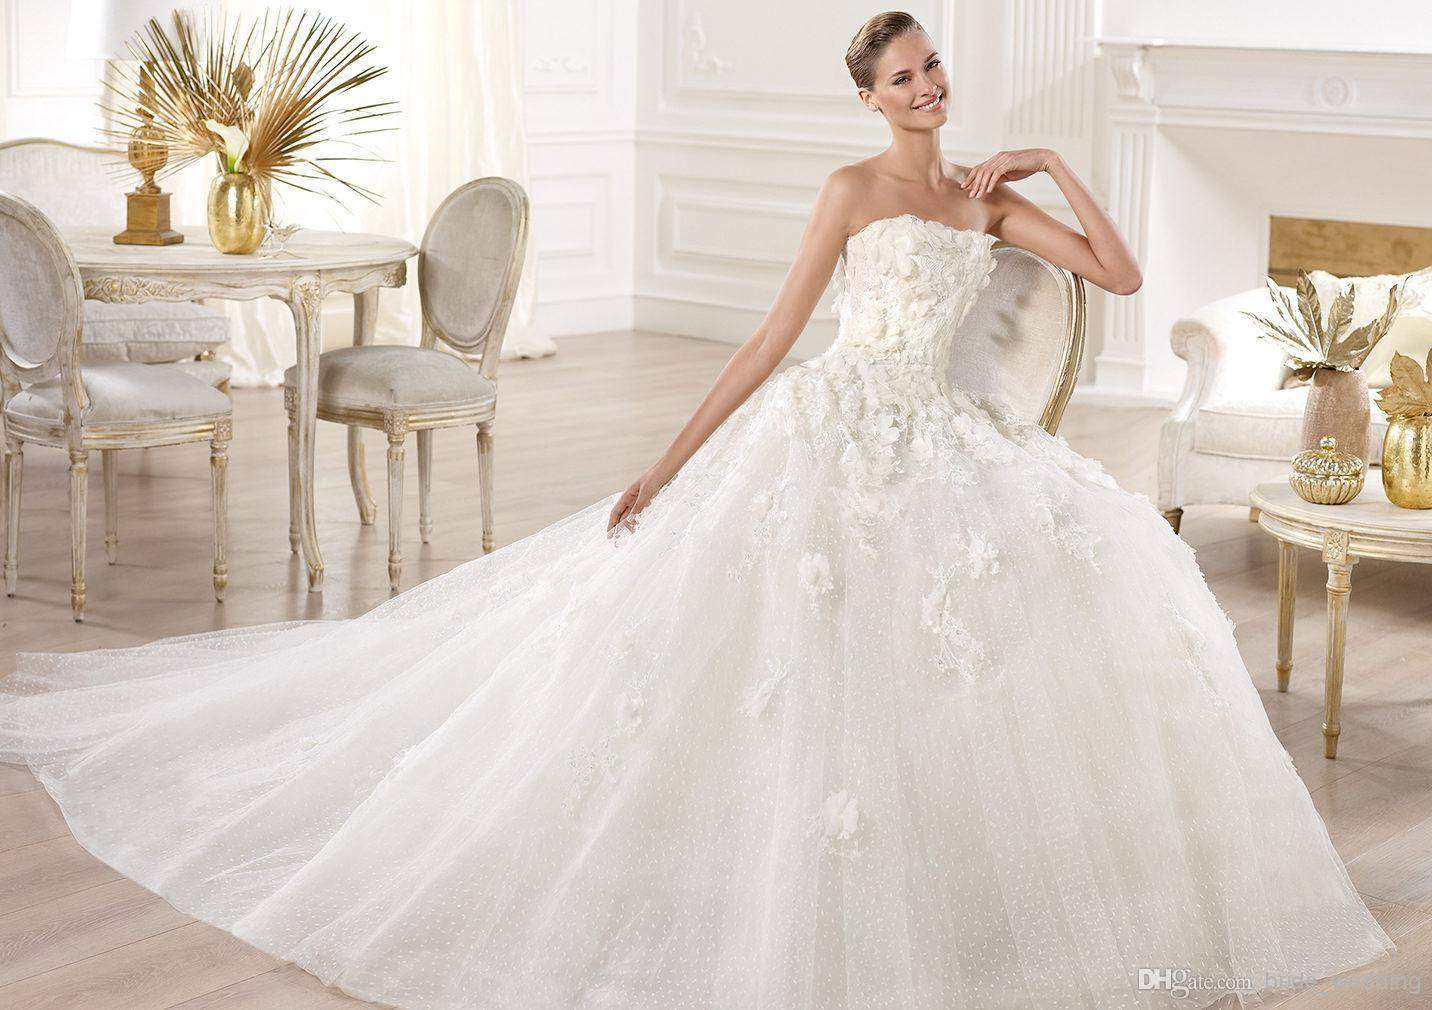 Amado 6 dicas para escolher o vestido de noiva perfeito | Casar.com KK94